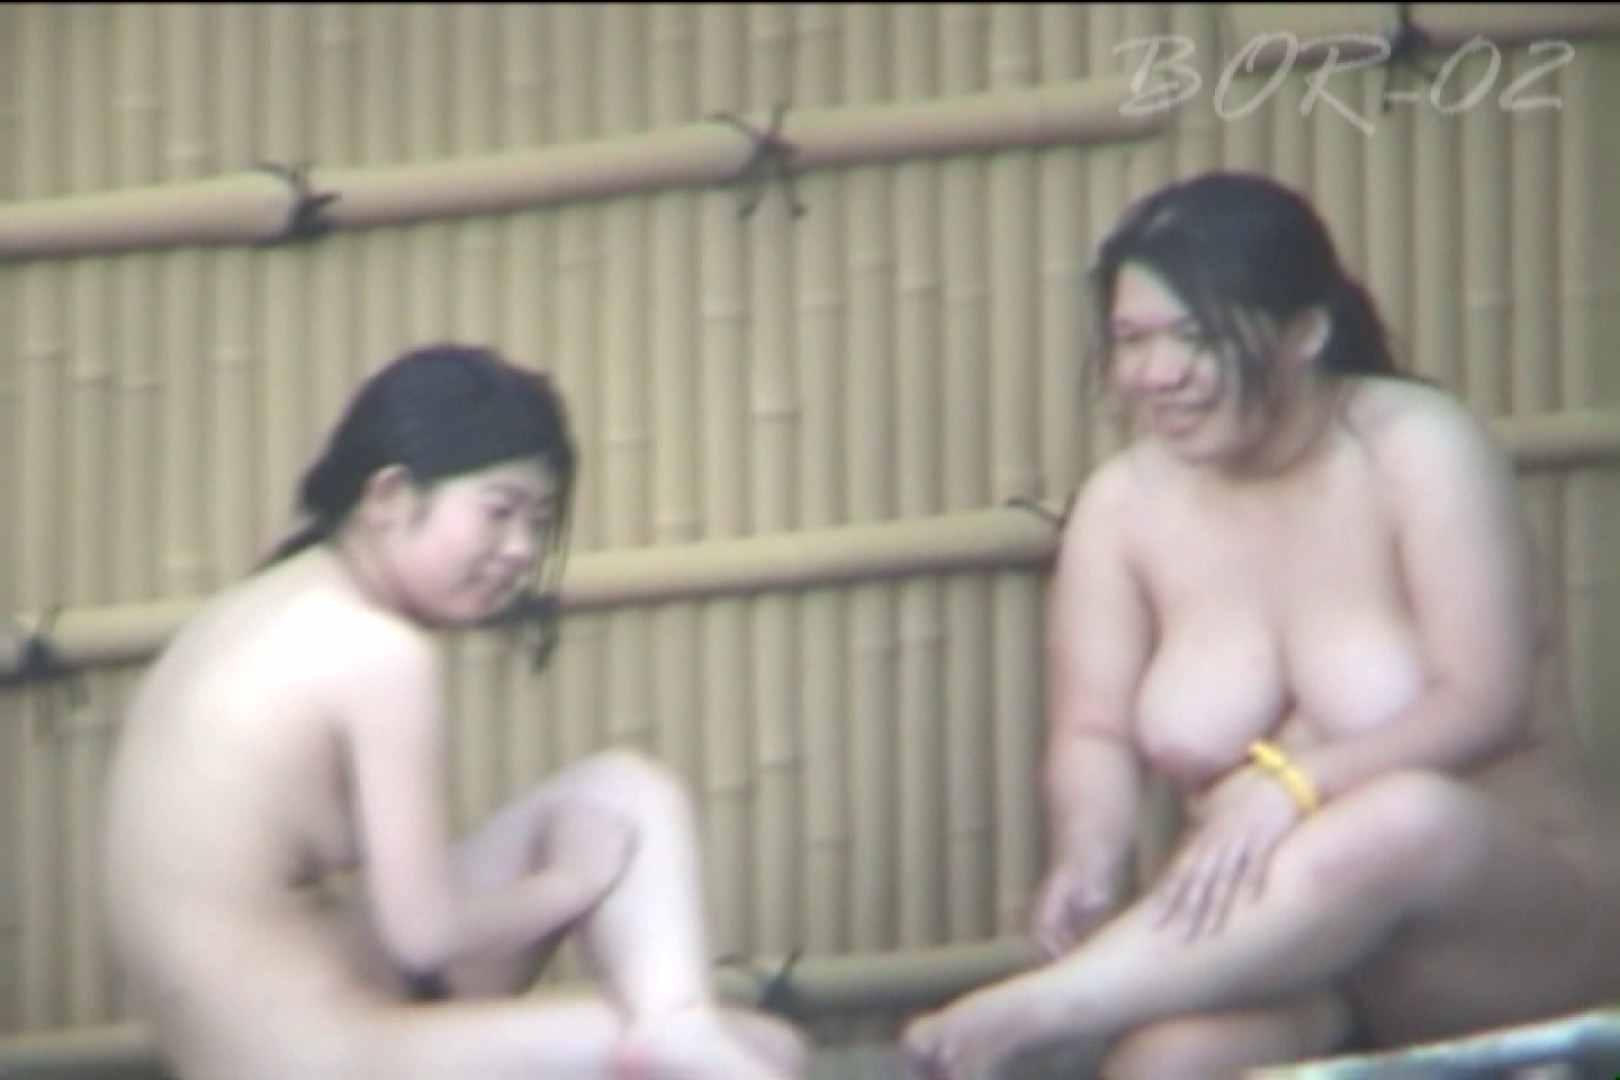 Aquaな露天風呂Vol.471 露天風呂  23連発 15